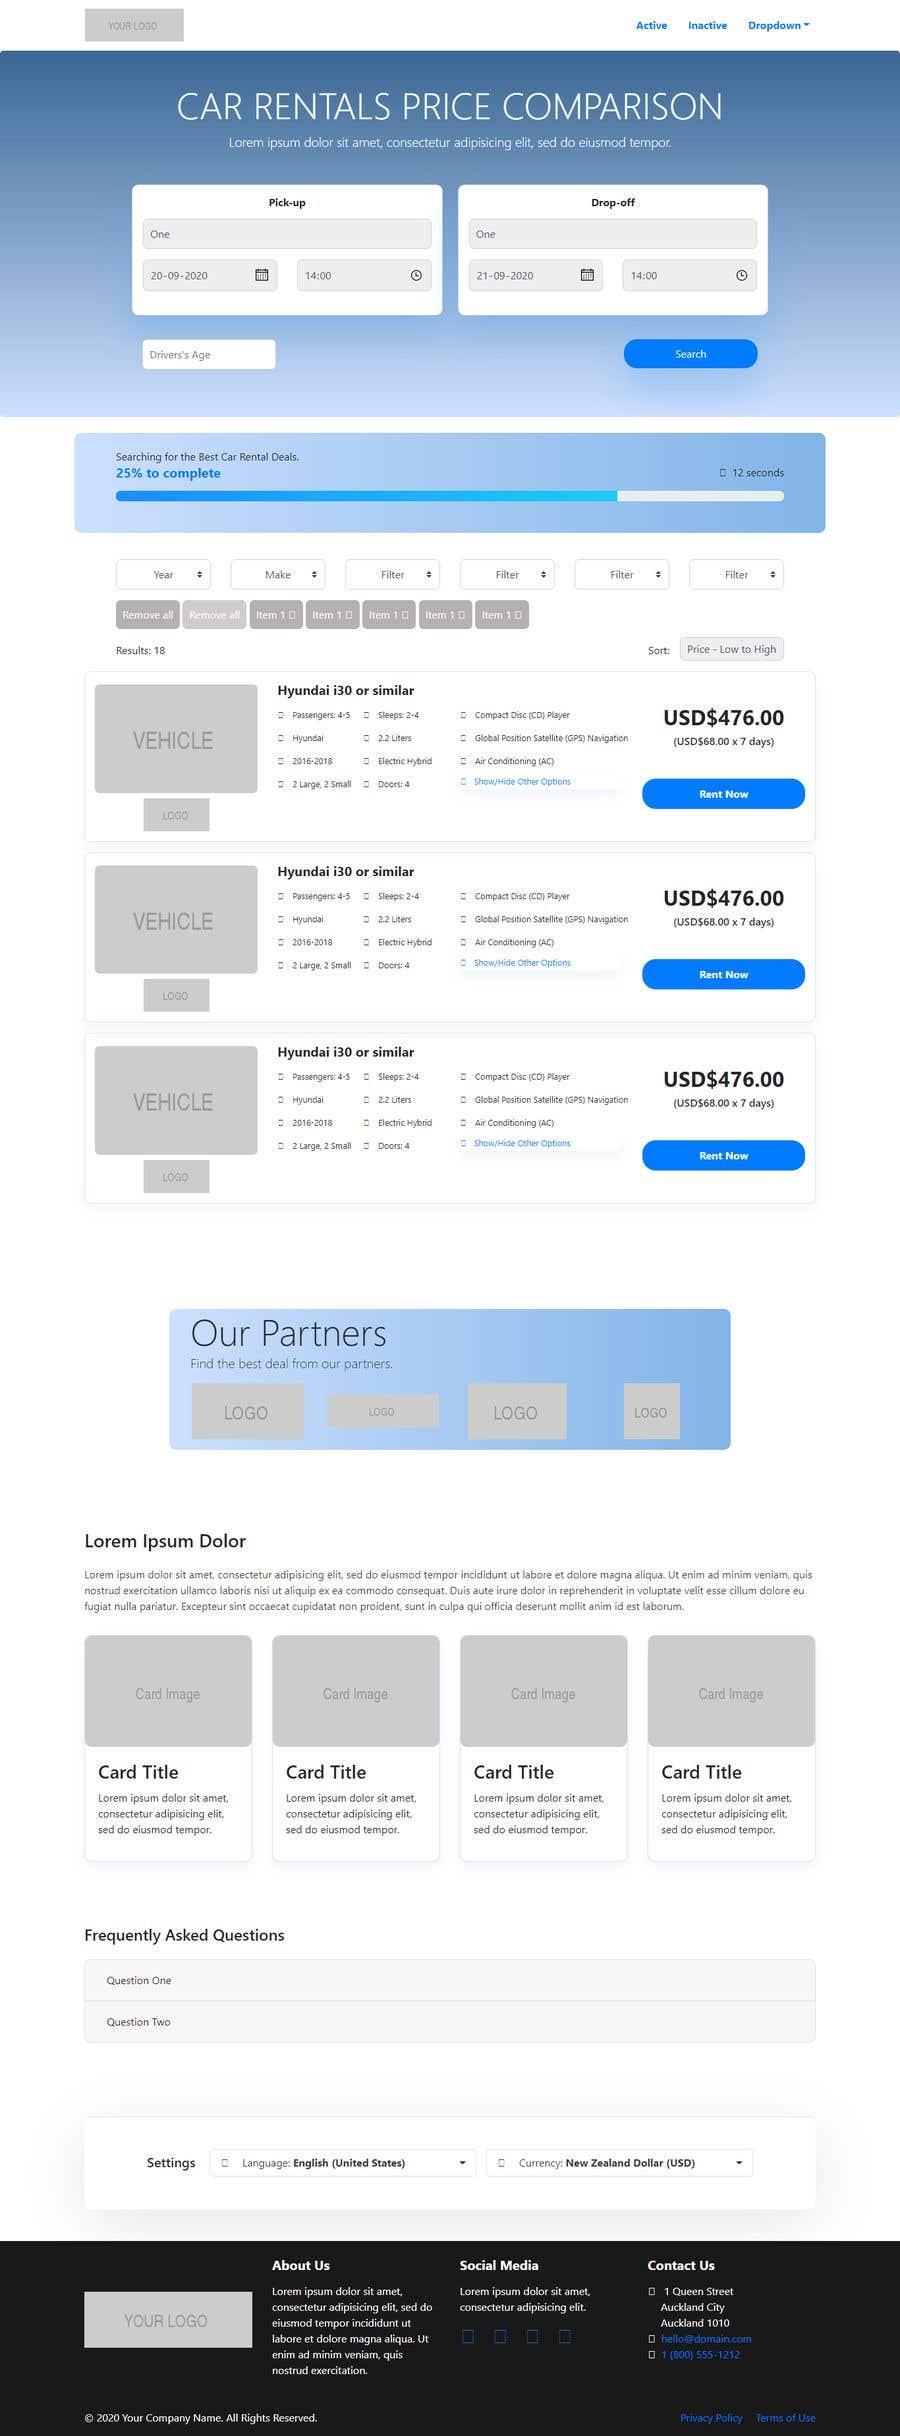 Bài tham dự cuộc thi #                                        18                                      cho                                         Front End Developer - 100% CSS Web Design